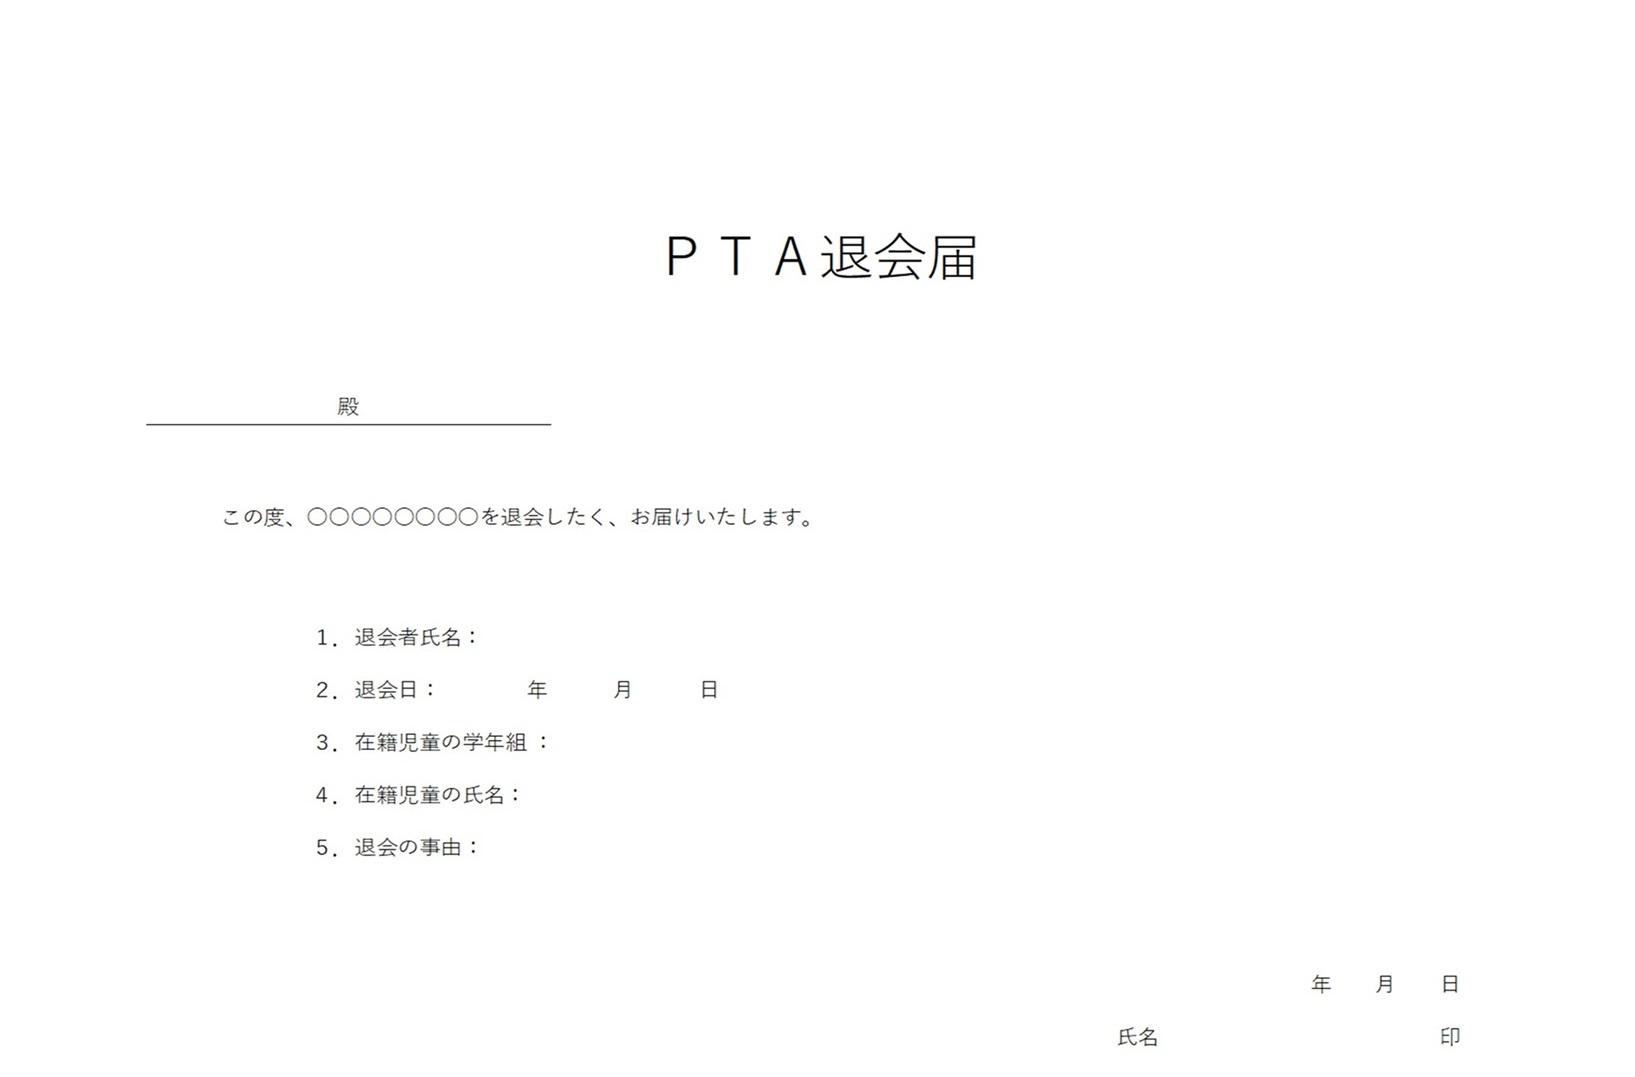 枠なしの横型シンプルな書式!PTA退会届のテンプレート